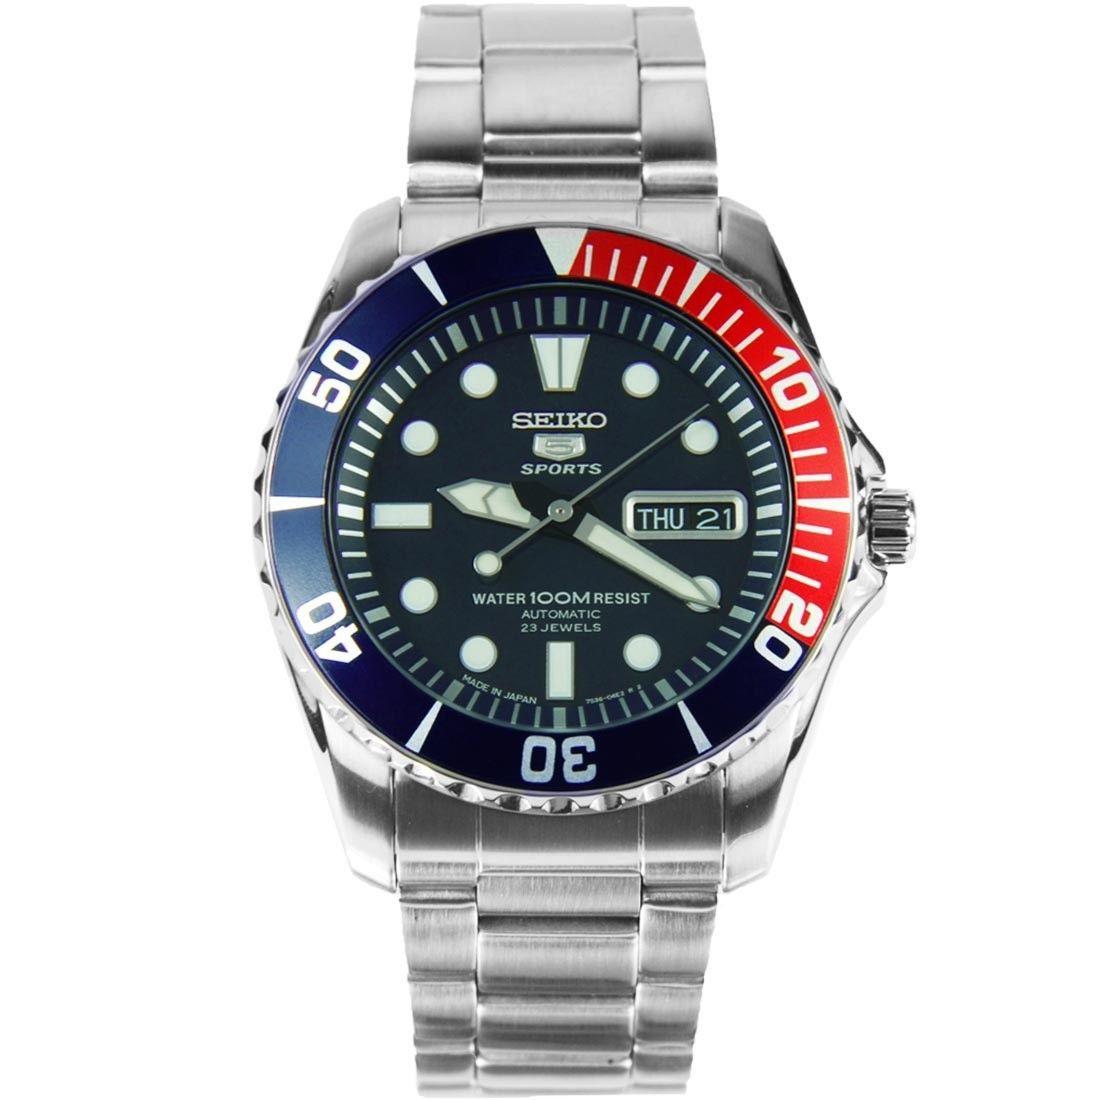 นาฬิกาผู้ชาย Seiko รุ่น SNZF15J1, Seiko 5 Sports